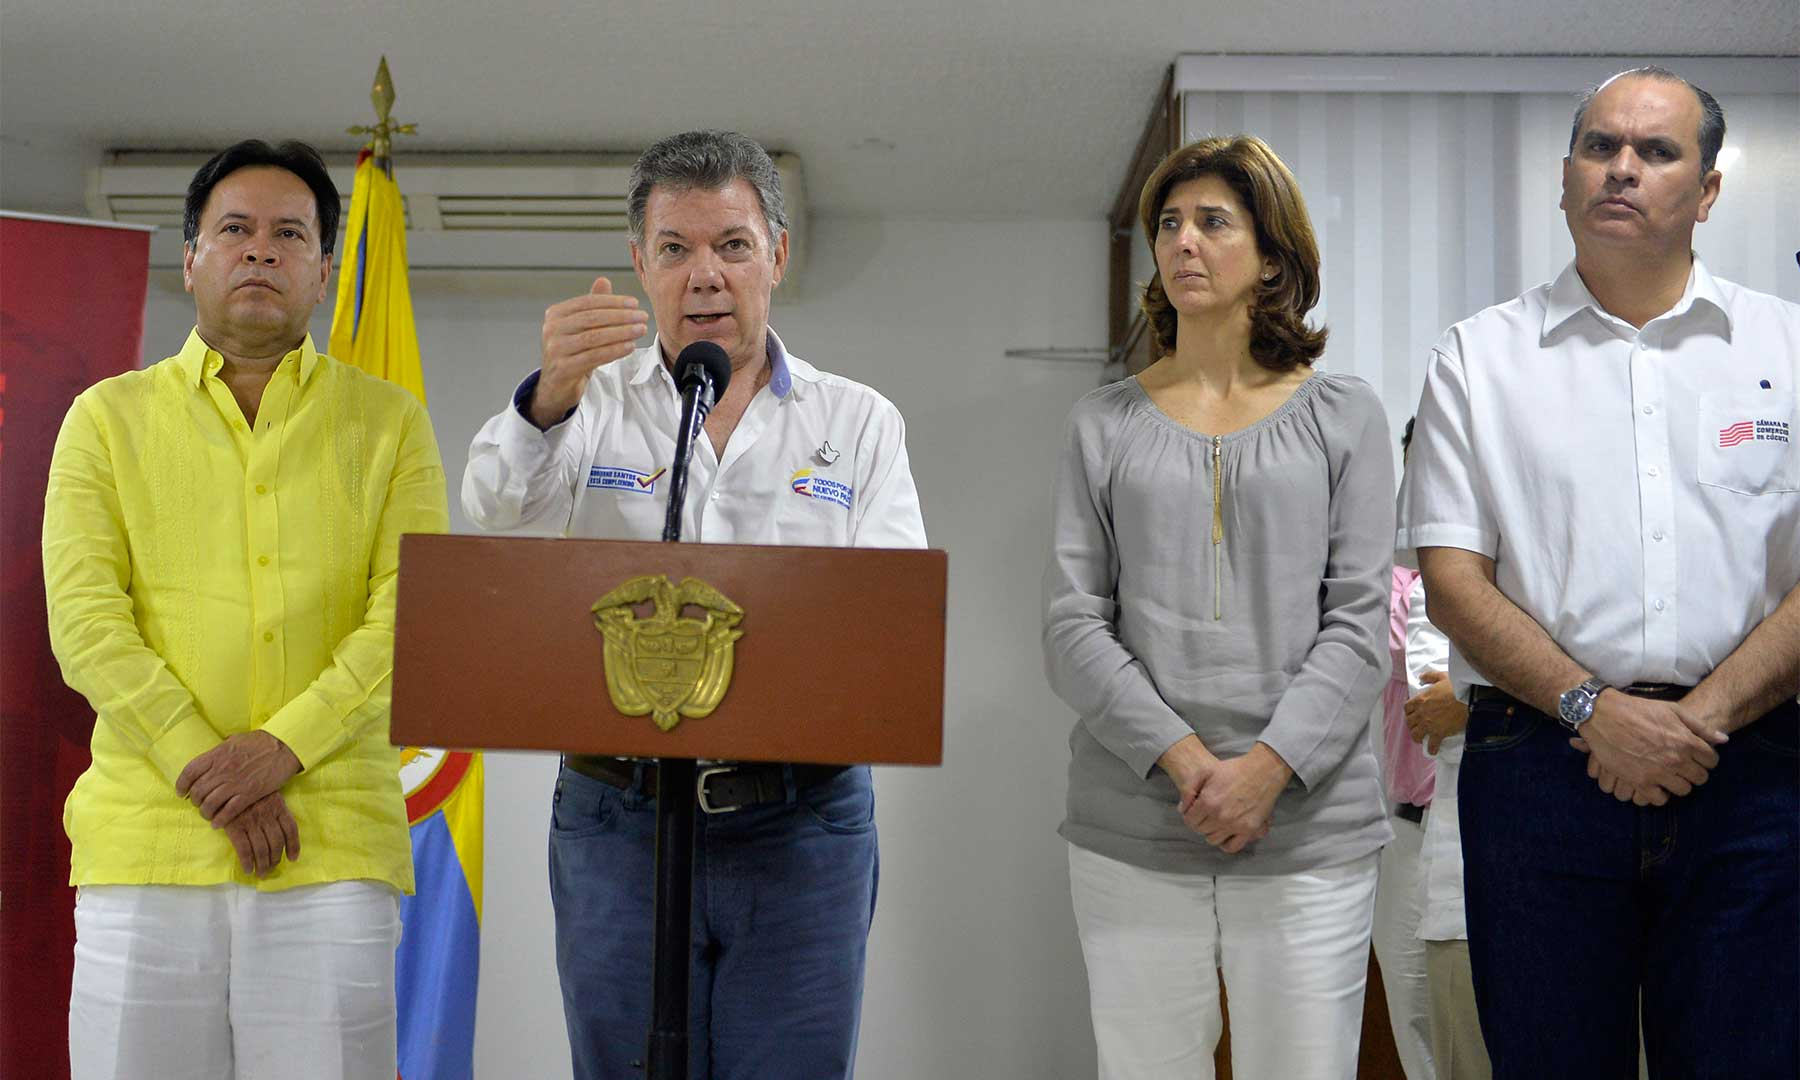 Jefe del Estado anunció la creación de un grupo de trabajo, que será liderado por la Canciller María Ángela Holguín, con miras al efectivo restablecimiento del paso fronterizo.